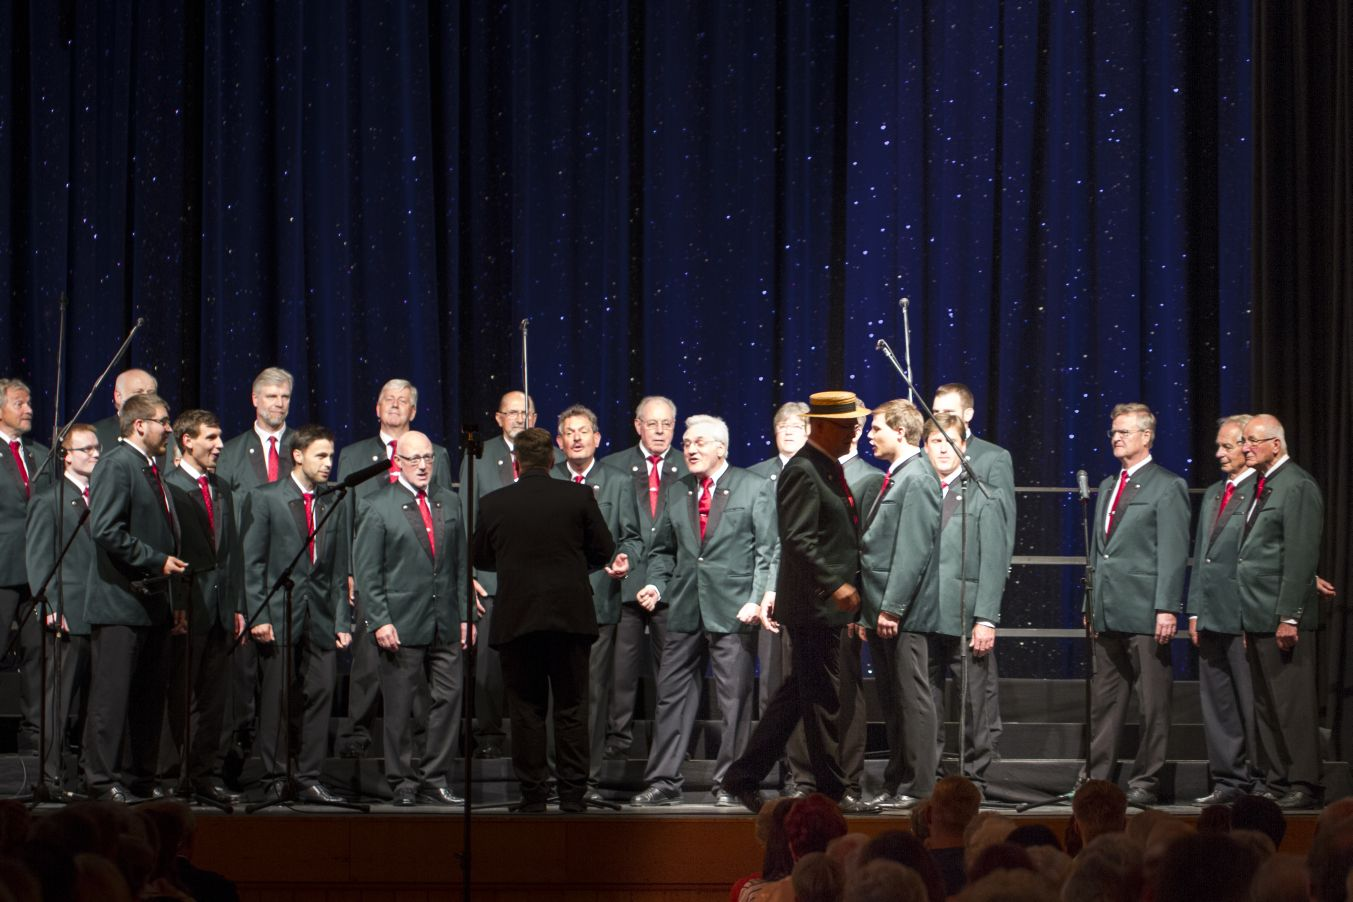 Chor der Polizei München mit dem Solisten Peter Tomasek